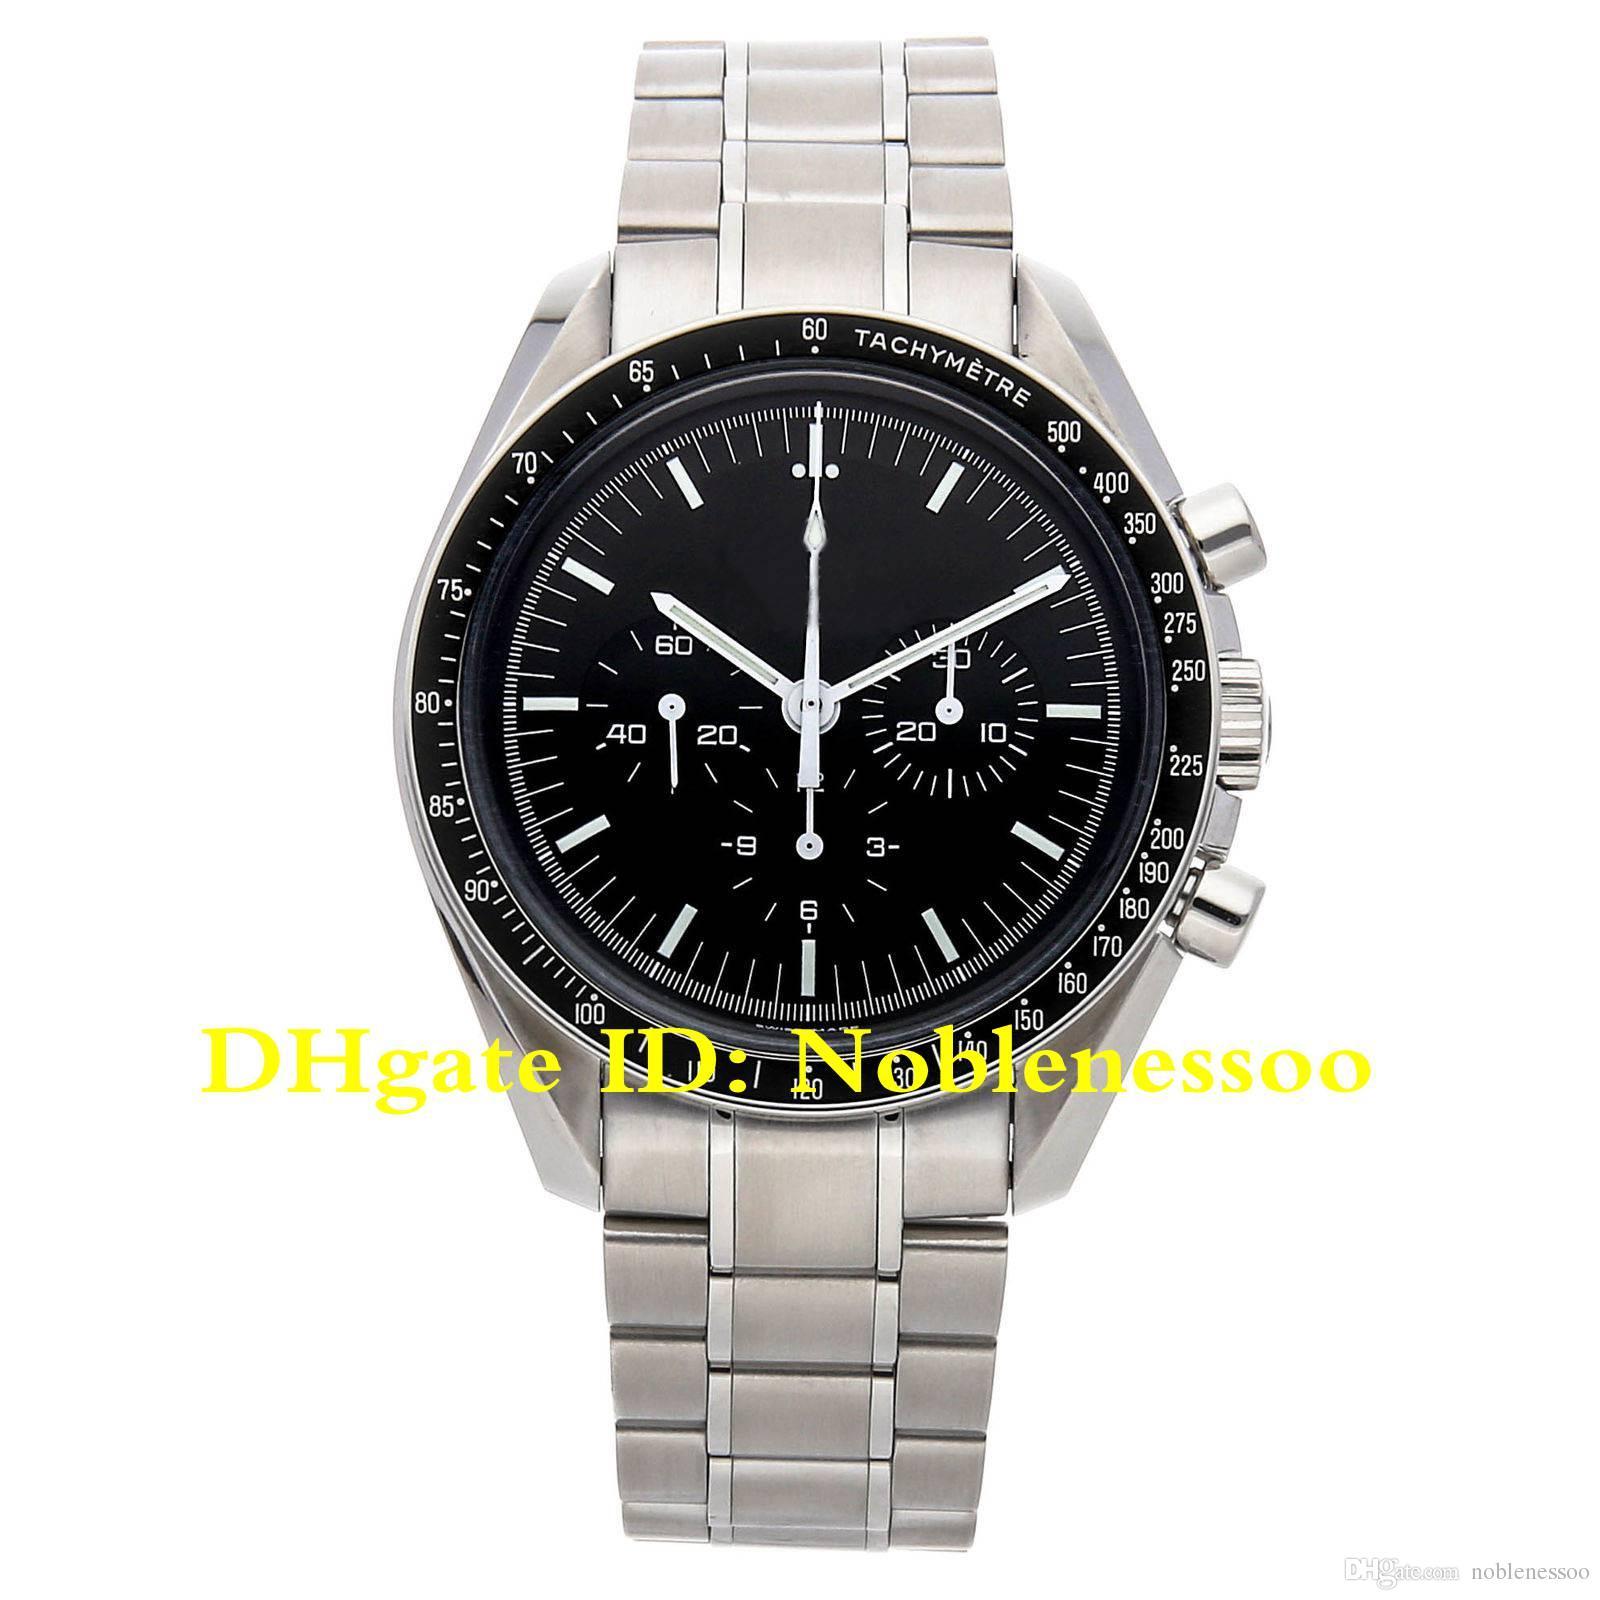 Luxus Herren-Uhr Mond-schwarzes Zifferblatt Vintage-Stahl Herrenuhr 3570.50.00 Planet Ocean Professioneller Nein Chronograph Automatik Herrenuhr